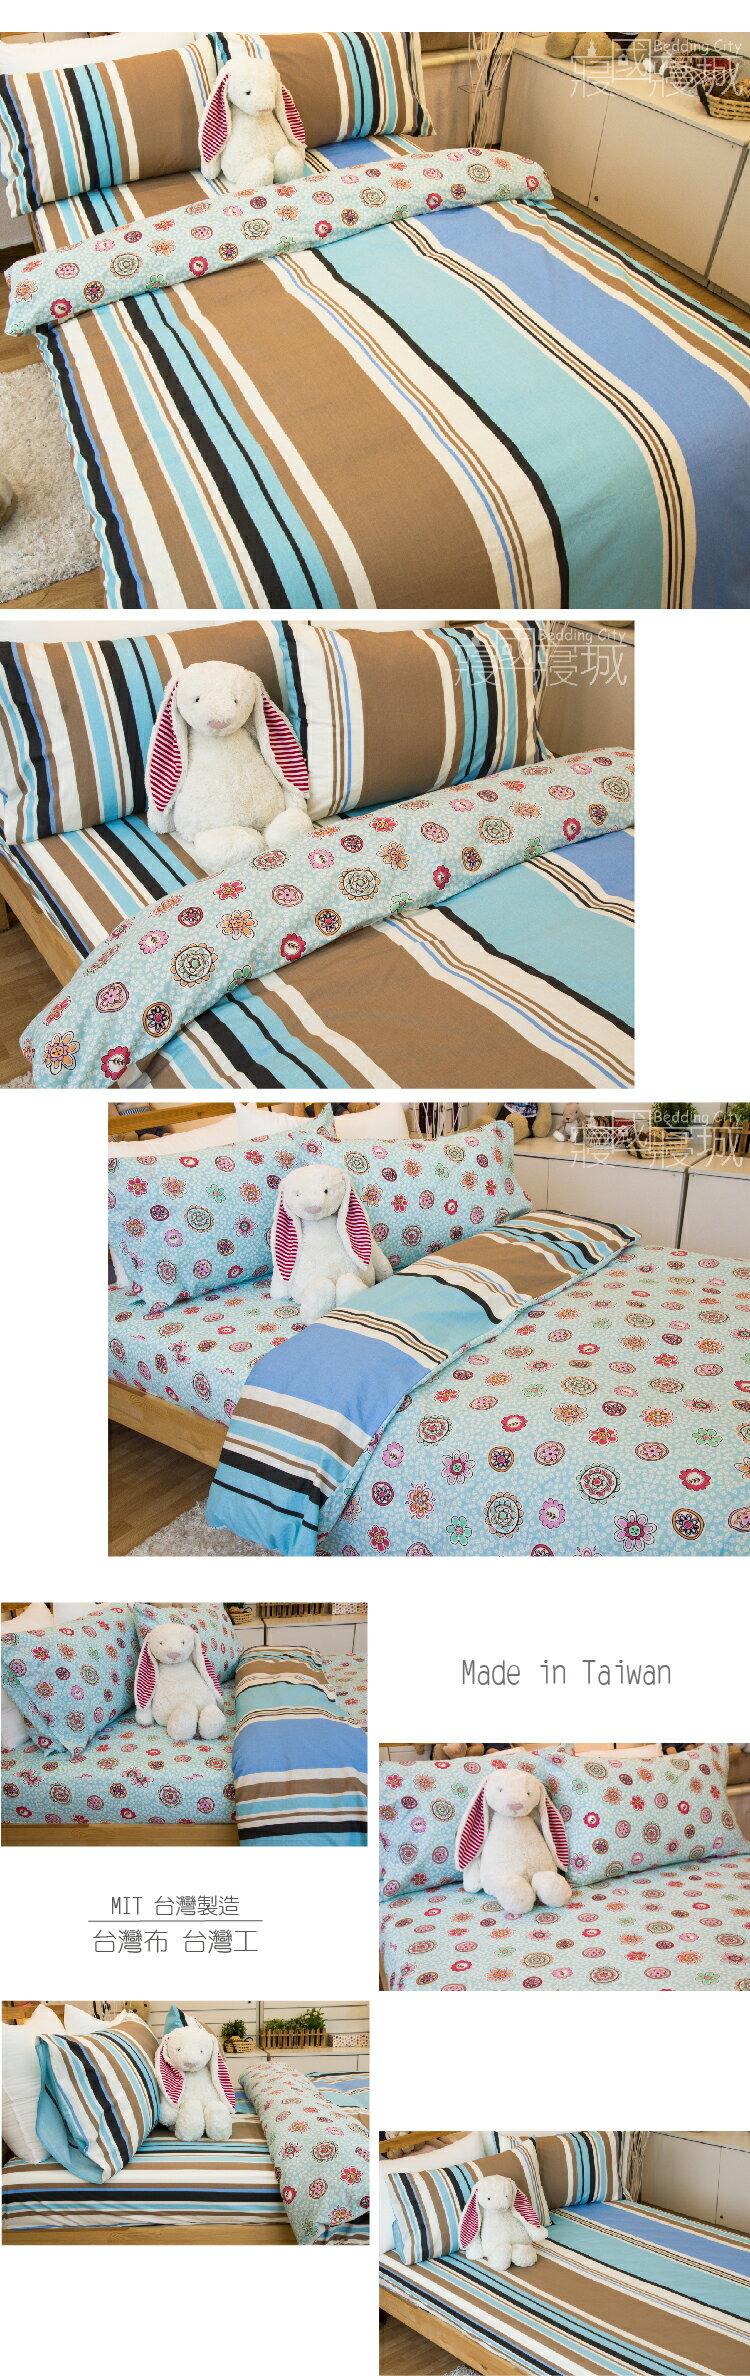 100%精梳棉-單人床包兩件組 花樣朵朵【大鐘印染、台灣製造】#精梳純綿 2